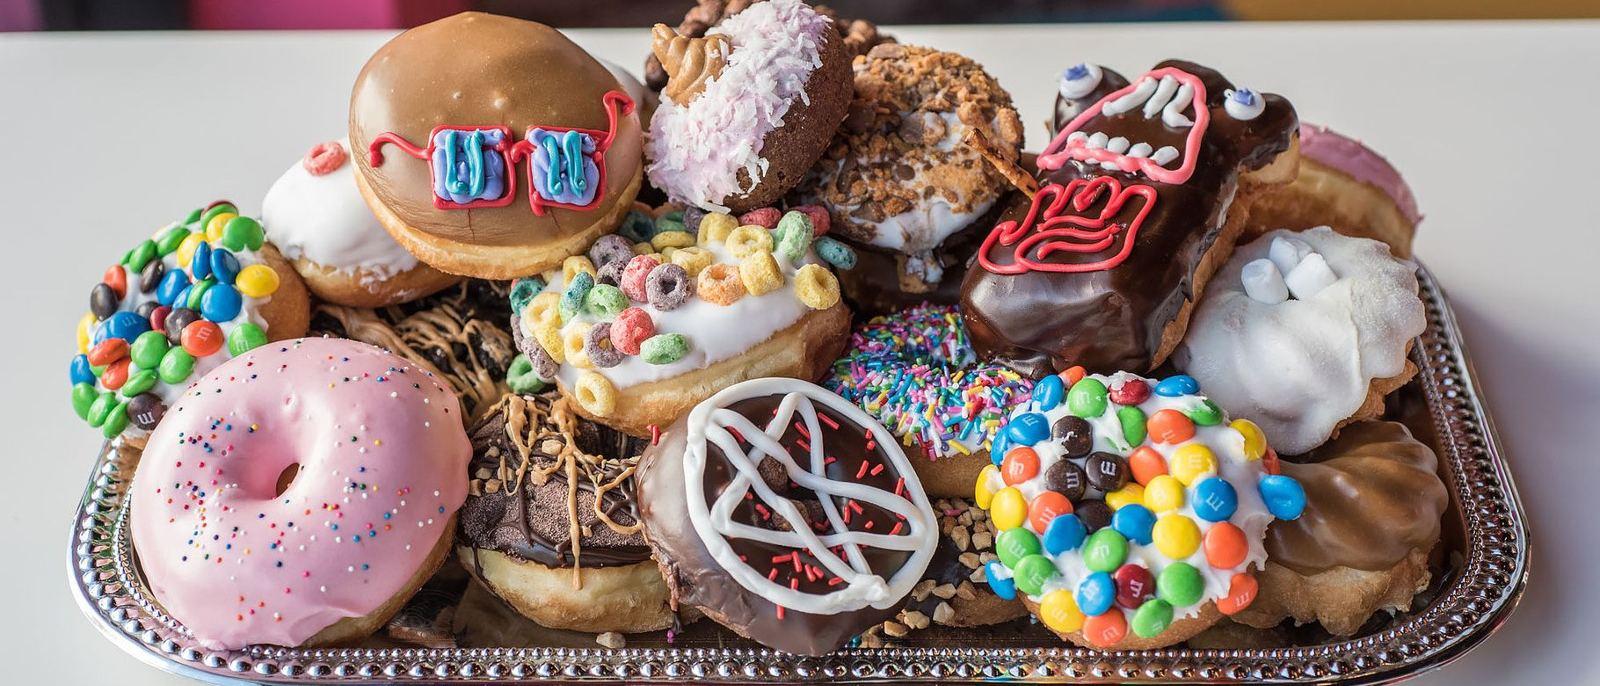 Voodoo Doughnut Tray